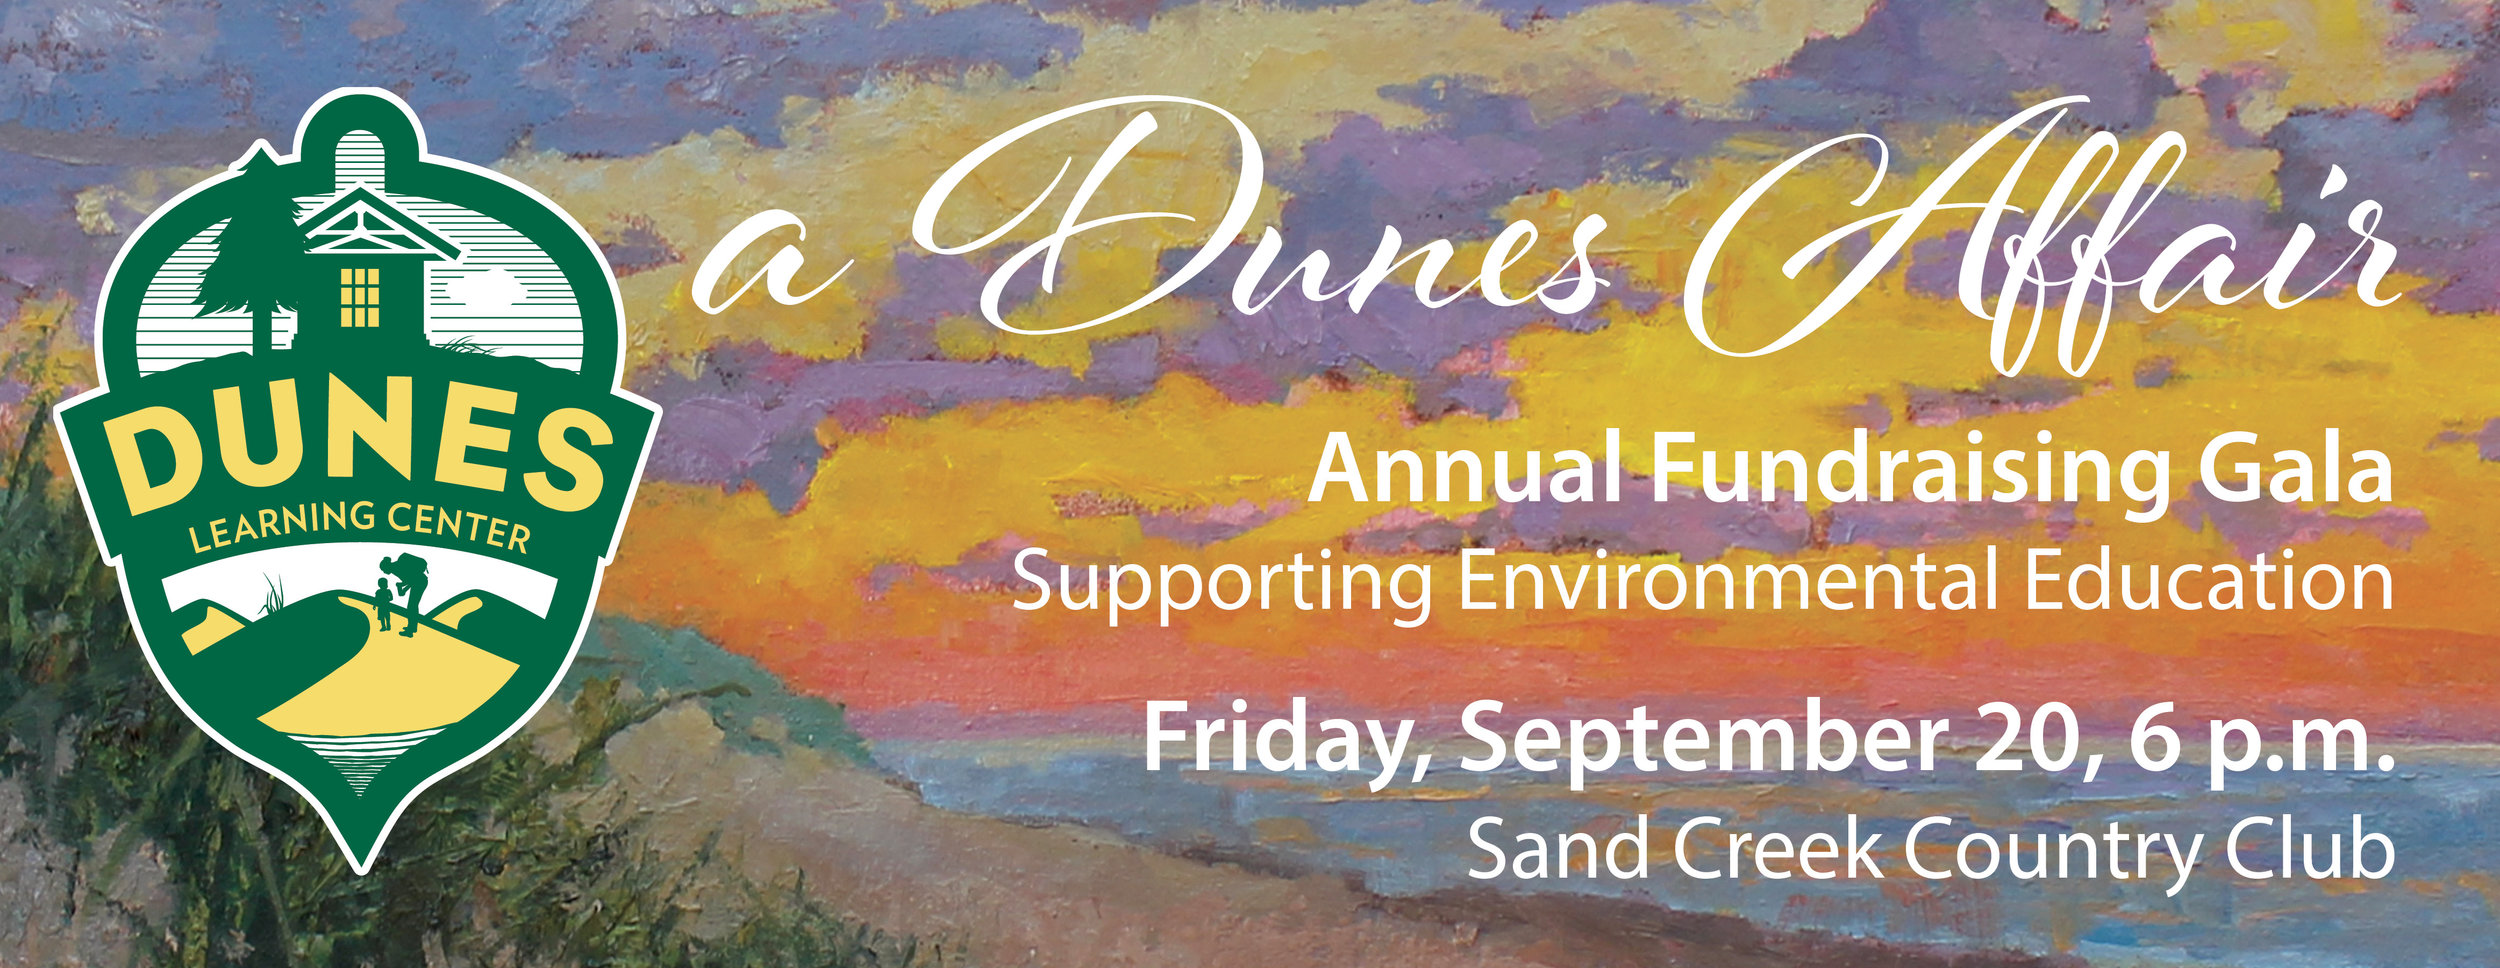 Dunes Affair graphic 2019.jpg